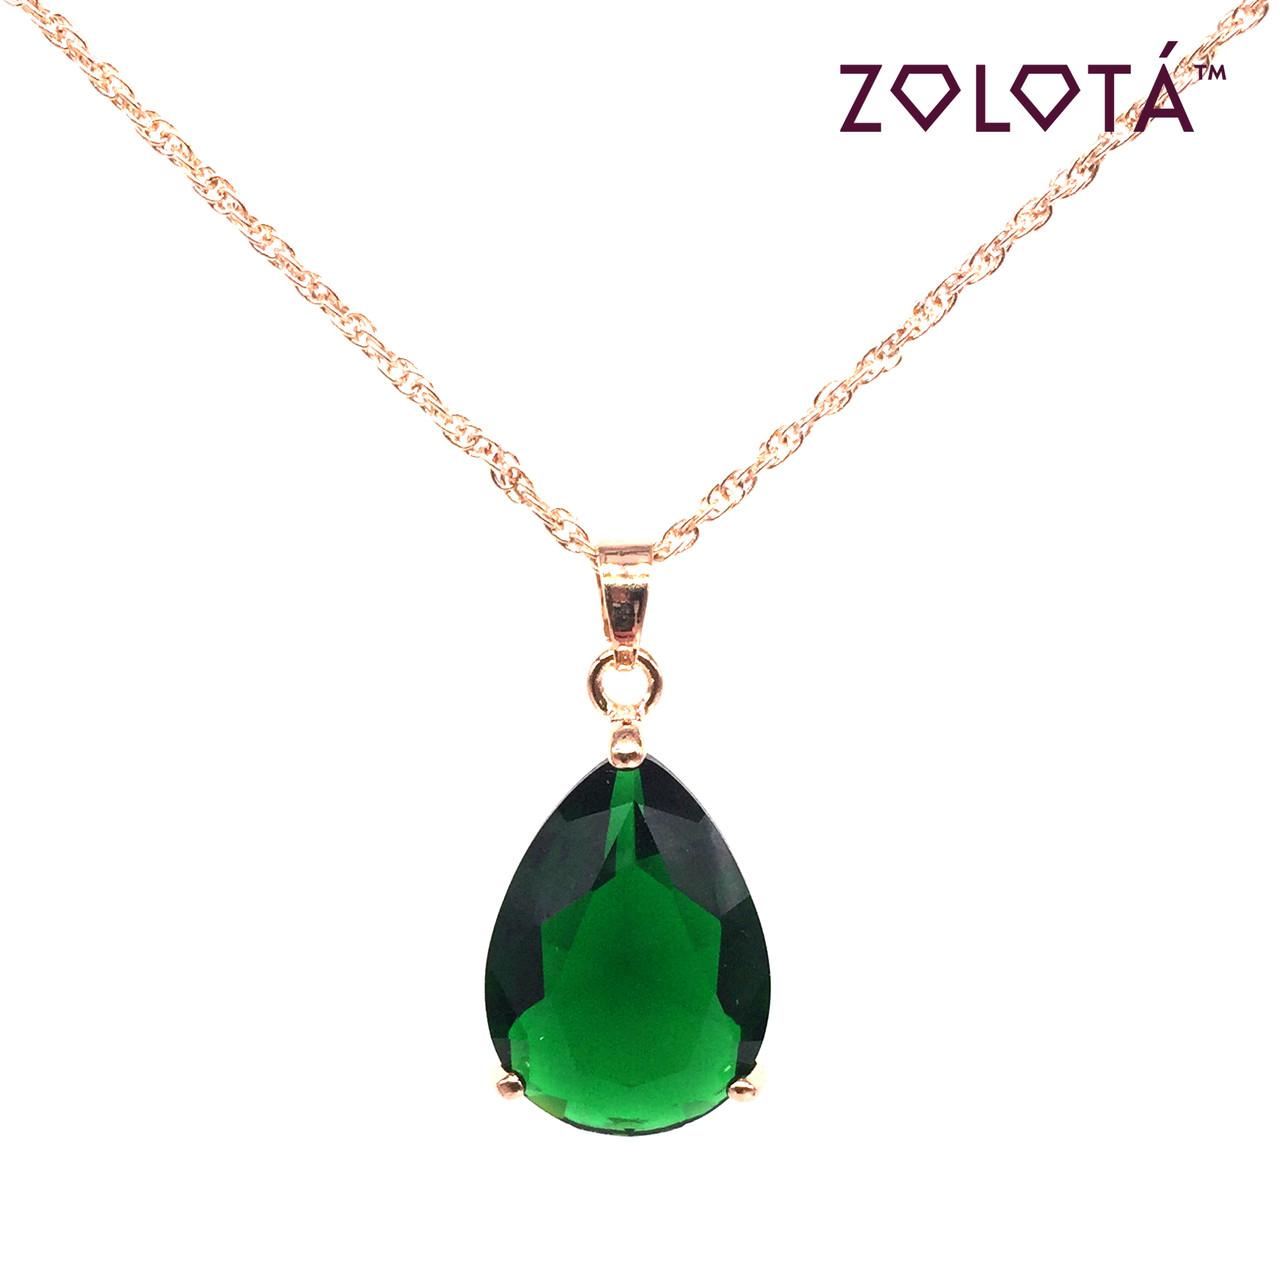 Подвеска на цепочке с зеленым фианитом (куб. цирконием), из медицинского золота, в позолоте, ЗЛ00306 (1)